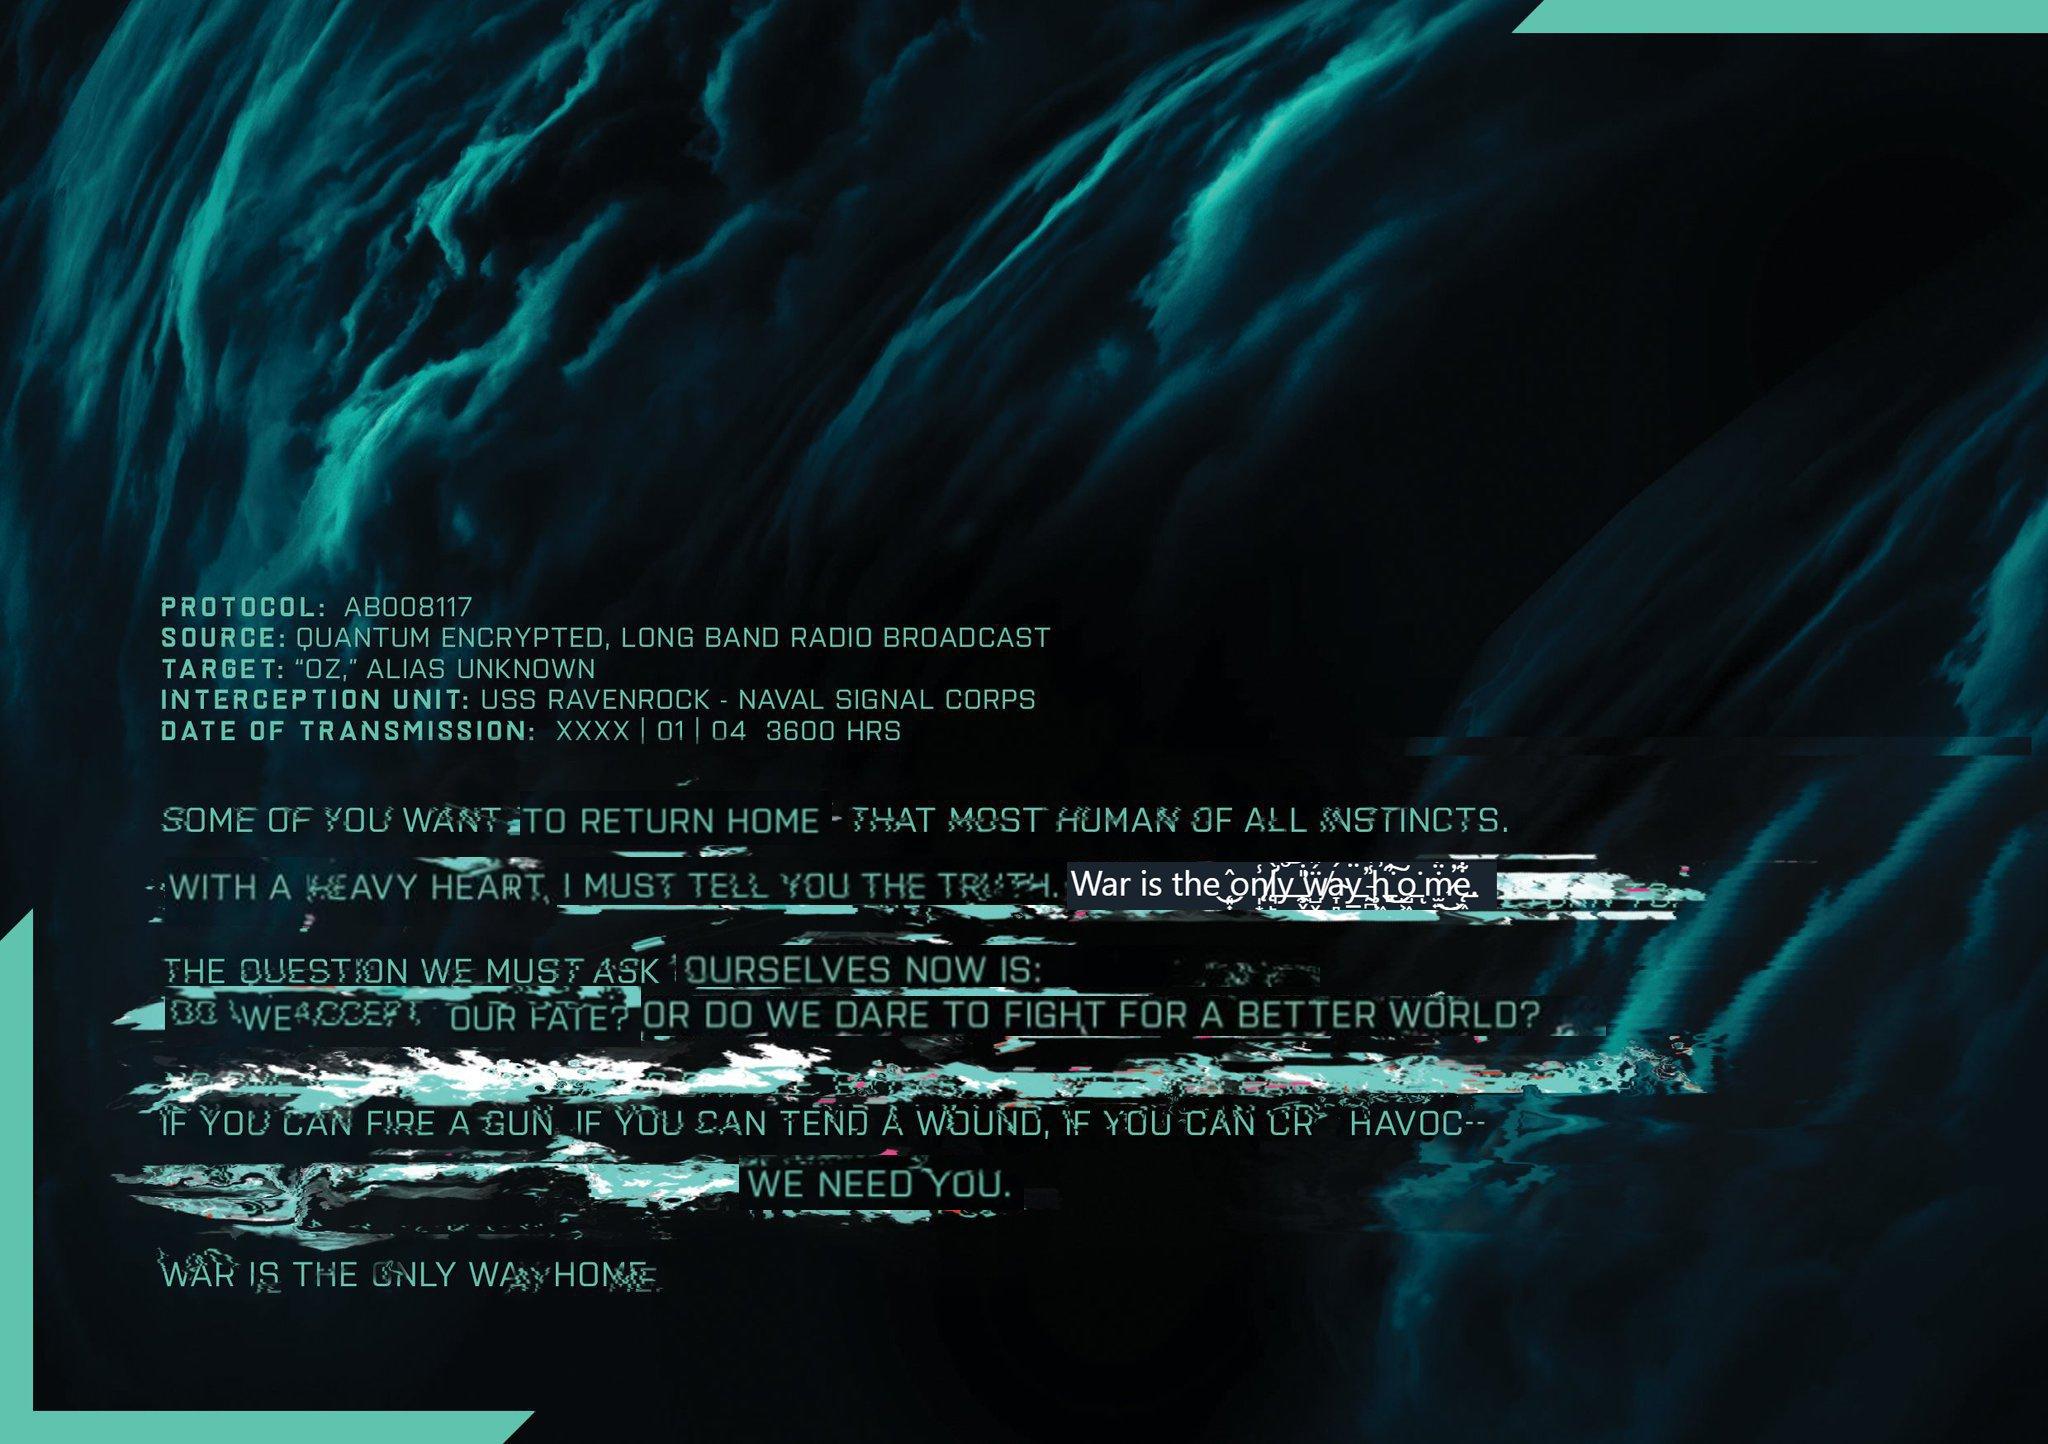 《战地》新作开始宣传预热 推特私信发送一段加密信息 游戏资讯 第2张